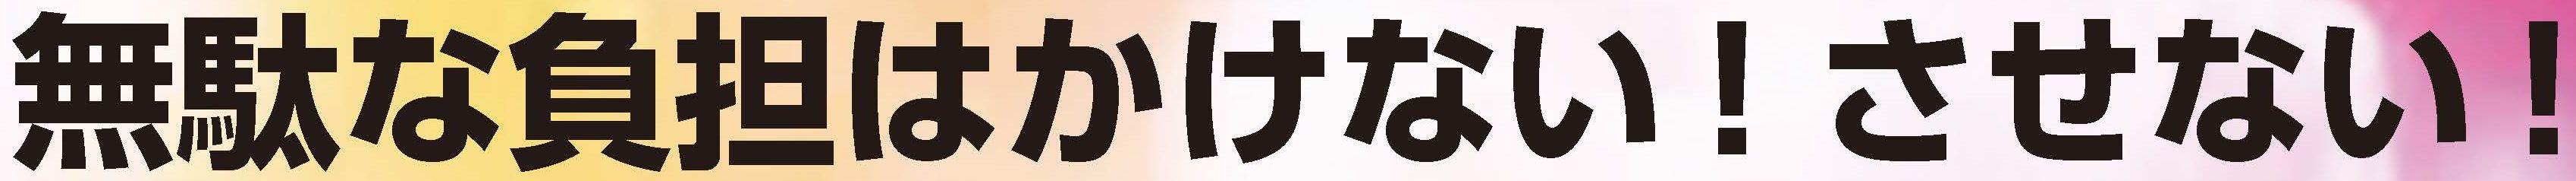 市民福祉葬祭 チラシ(H29.10現在) - コピー (2)